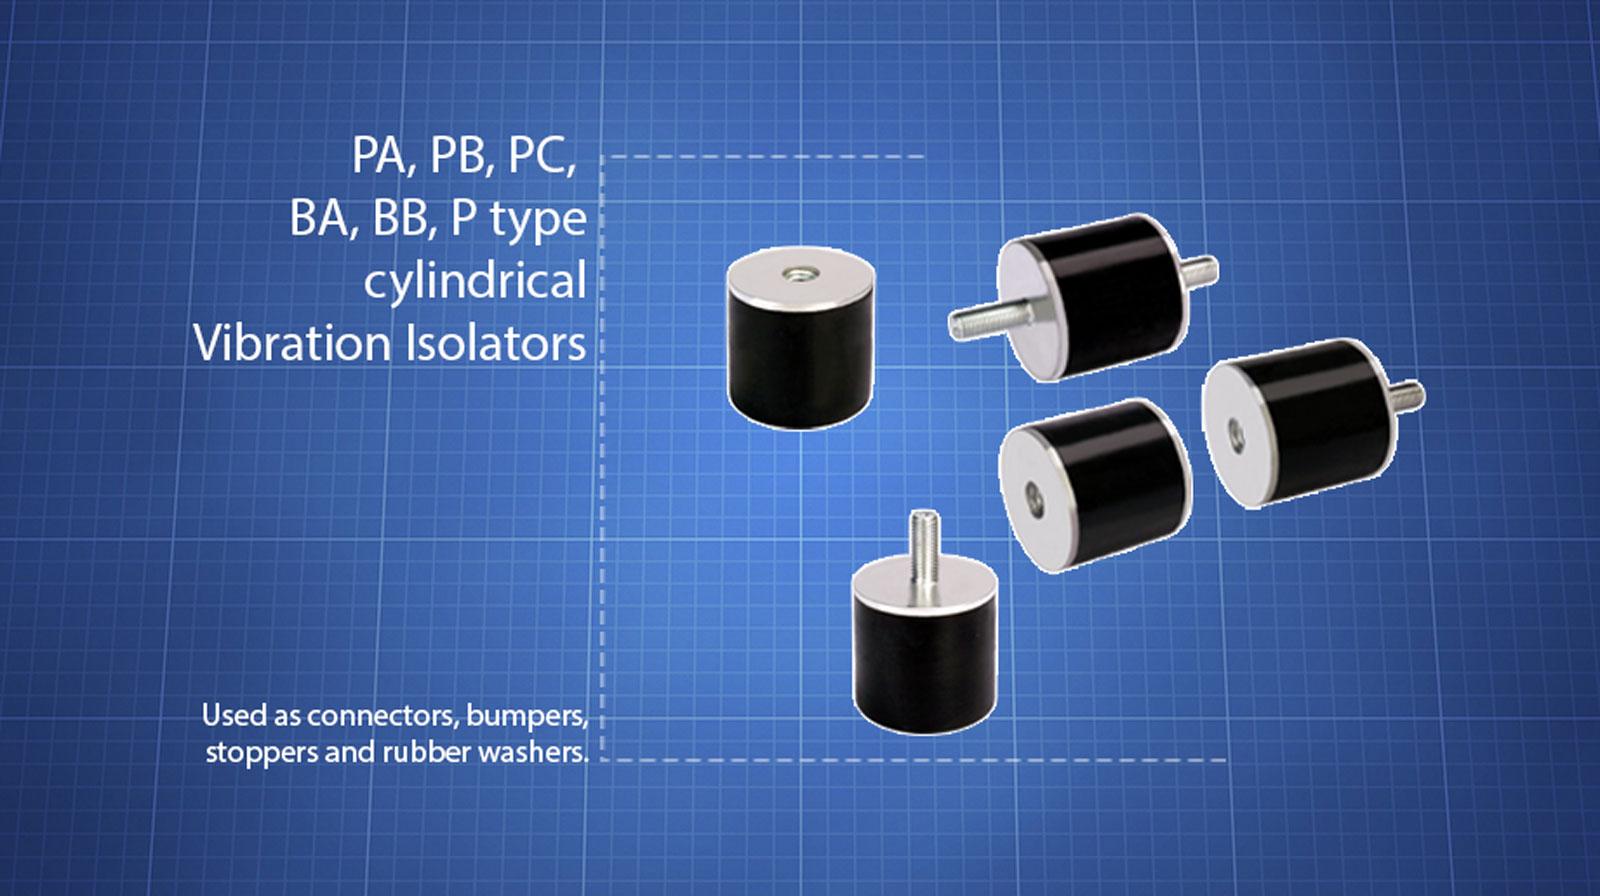 PA PB PC BA BB P-type-Vibration-Isolators